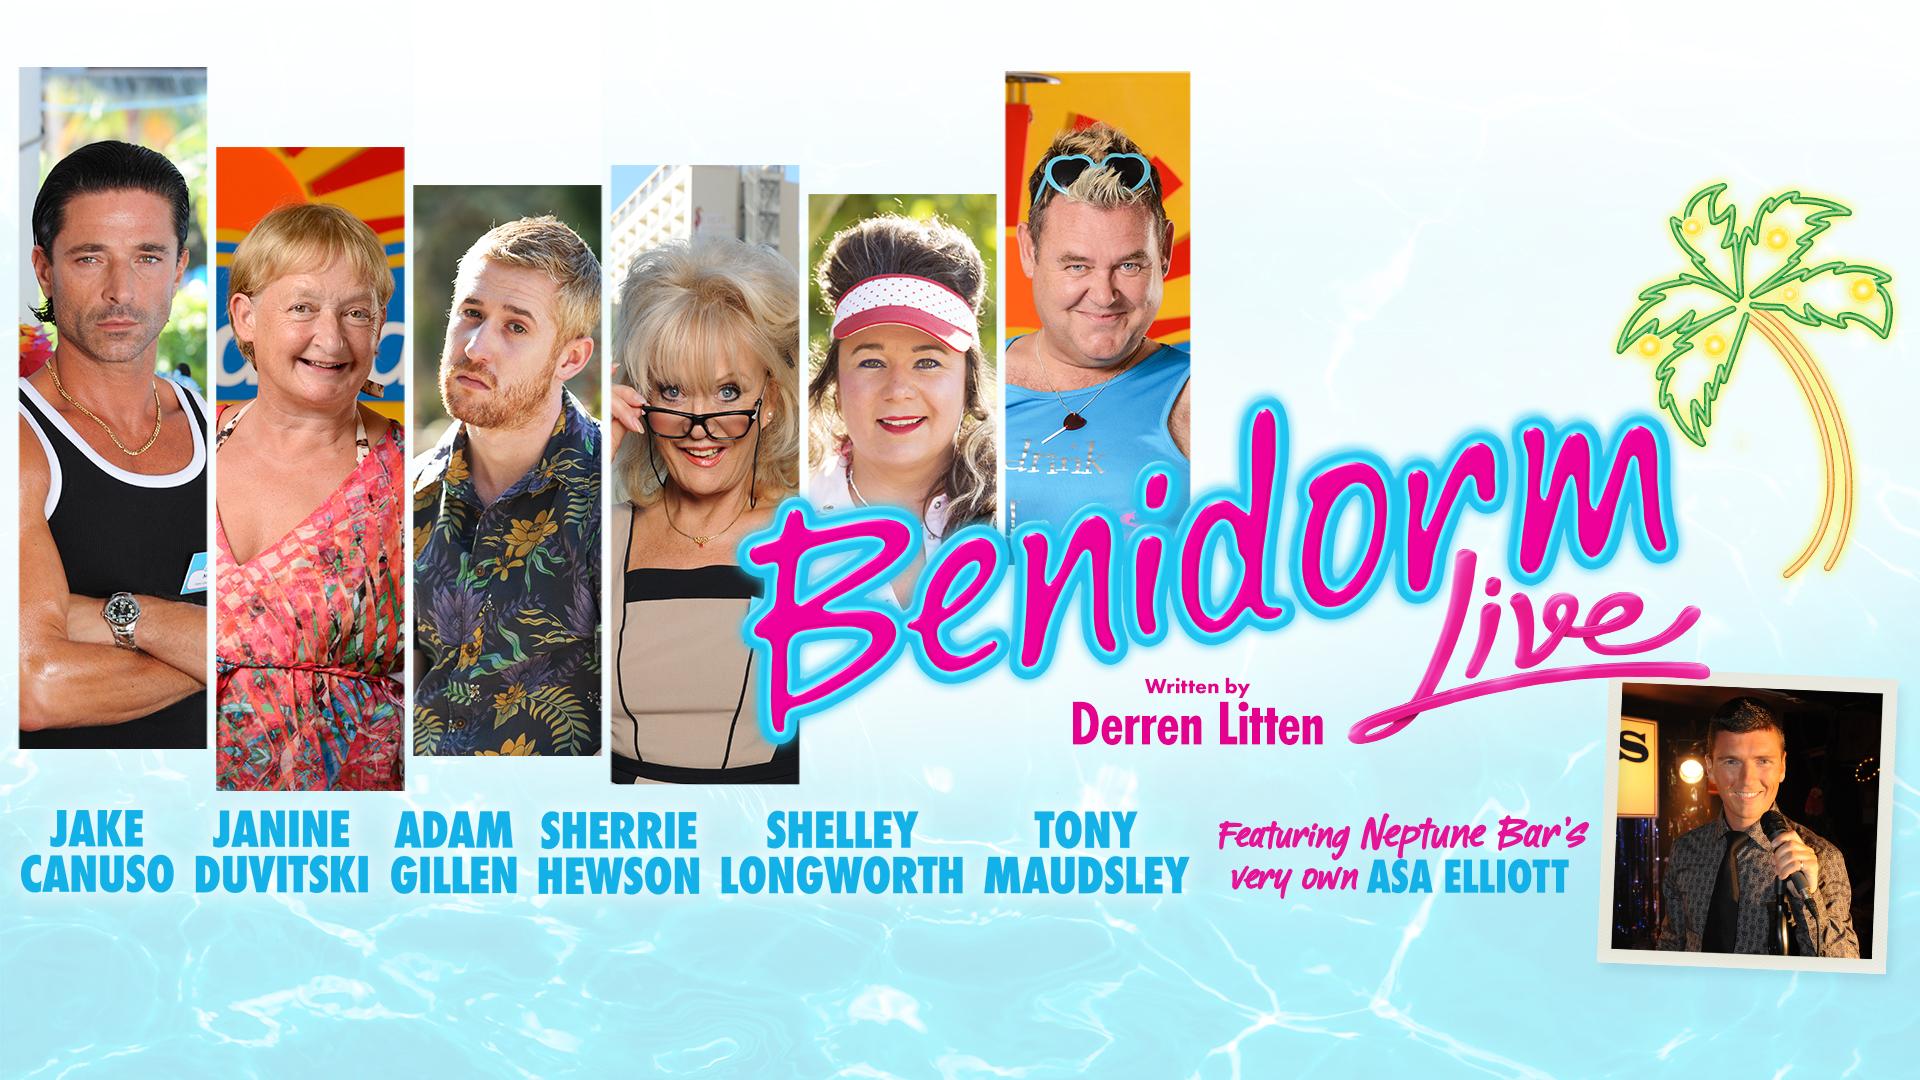 Benidorm Tv Show Tour